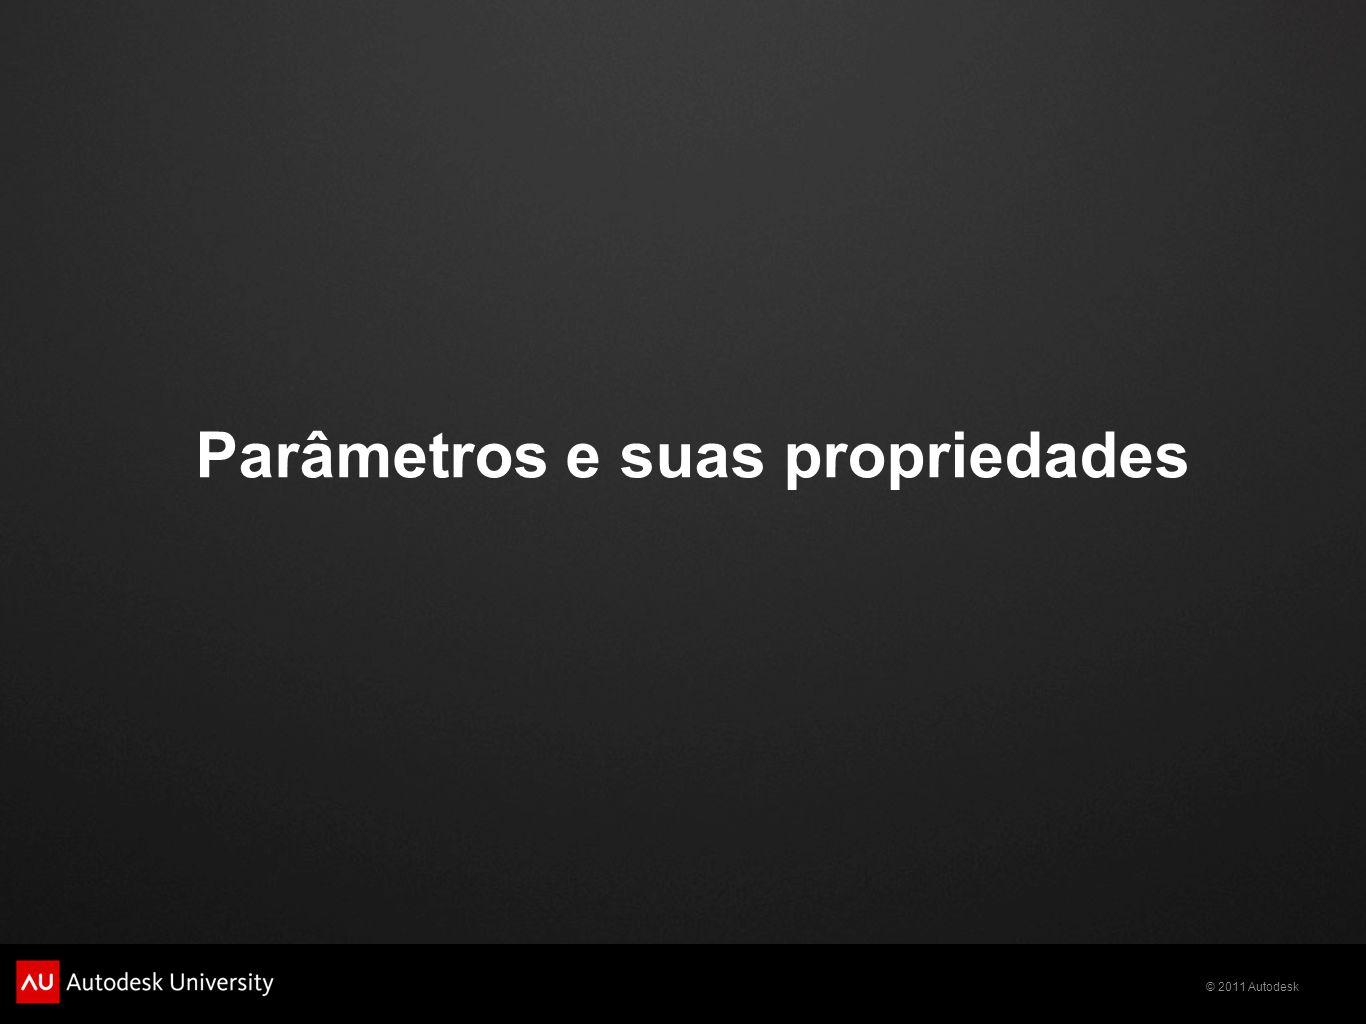 Parâmetros e suas propriedades